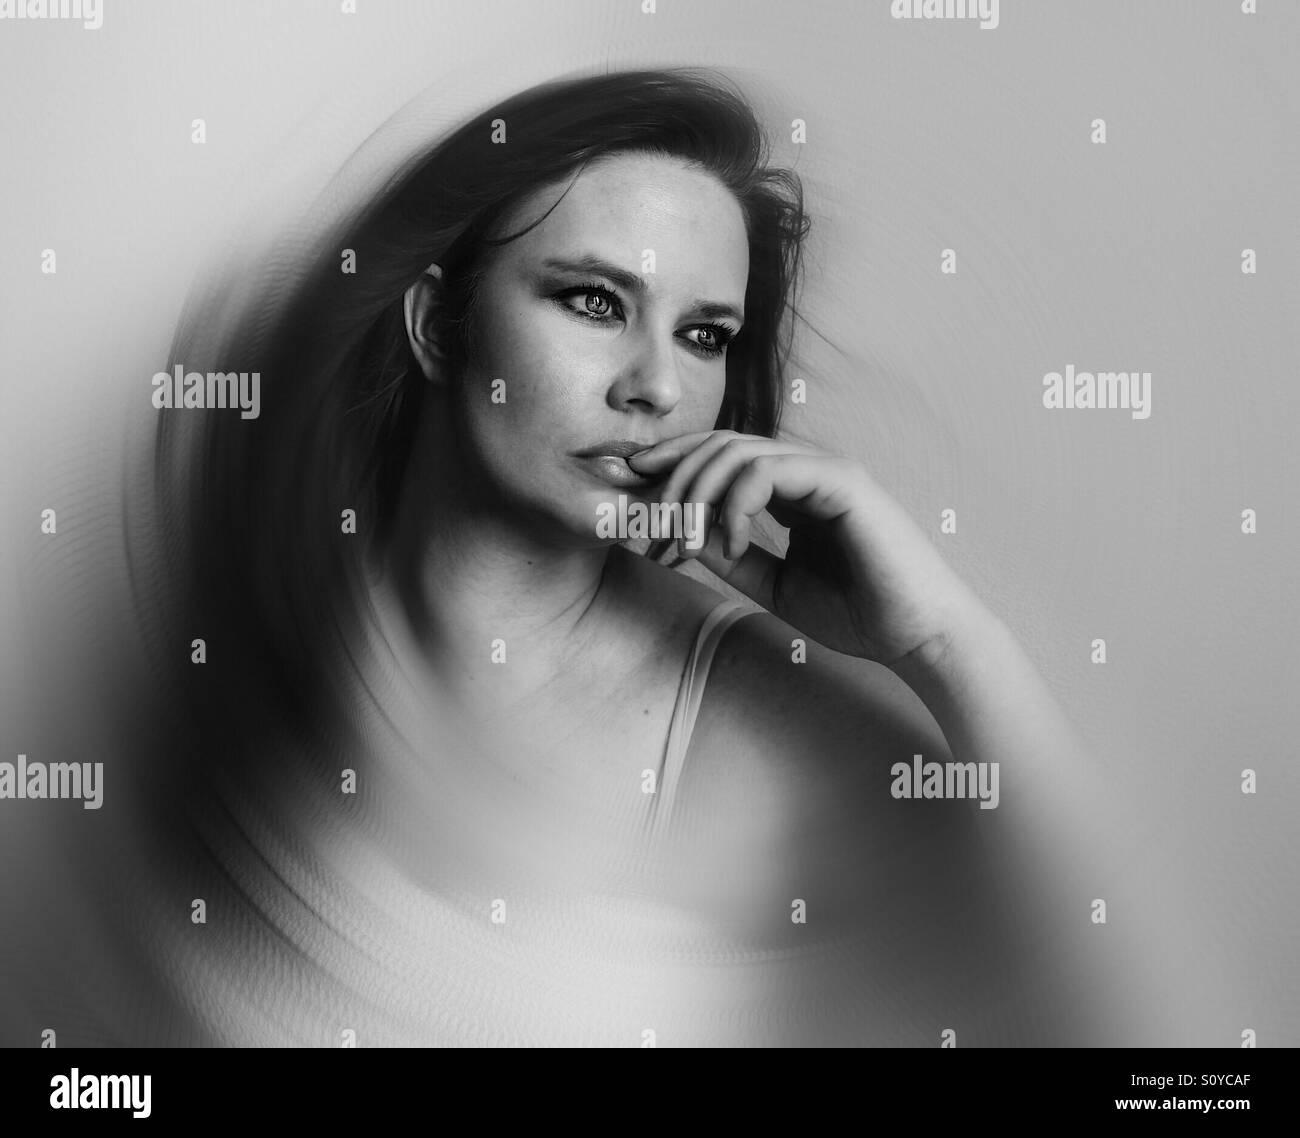 Kreative verschwommene schwarz / weiss Portrait der Frau tief in Gedanken an Wand Stockbild